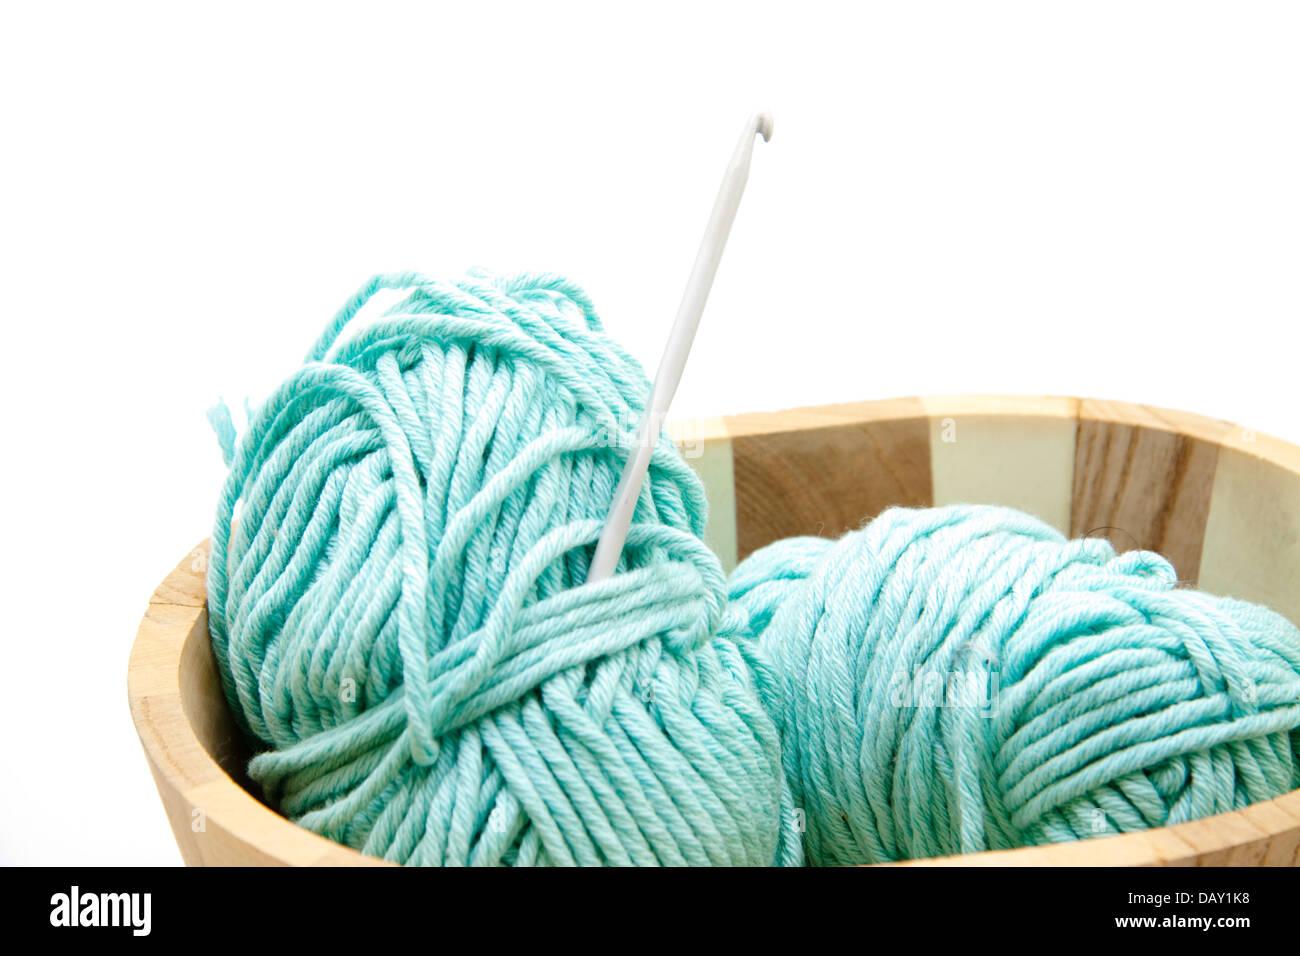 Crochet wool with crochet needle - Stock Image